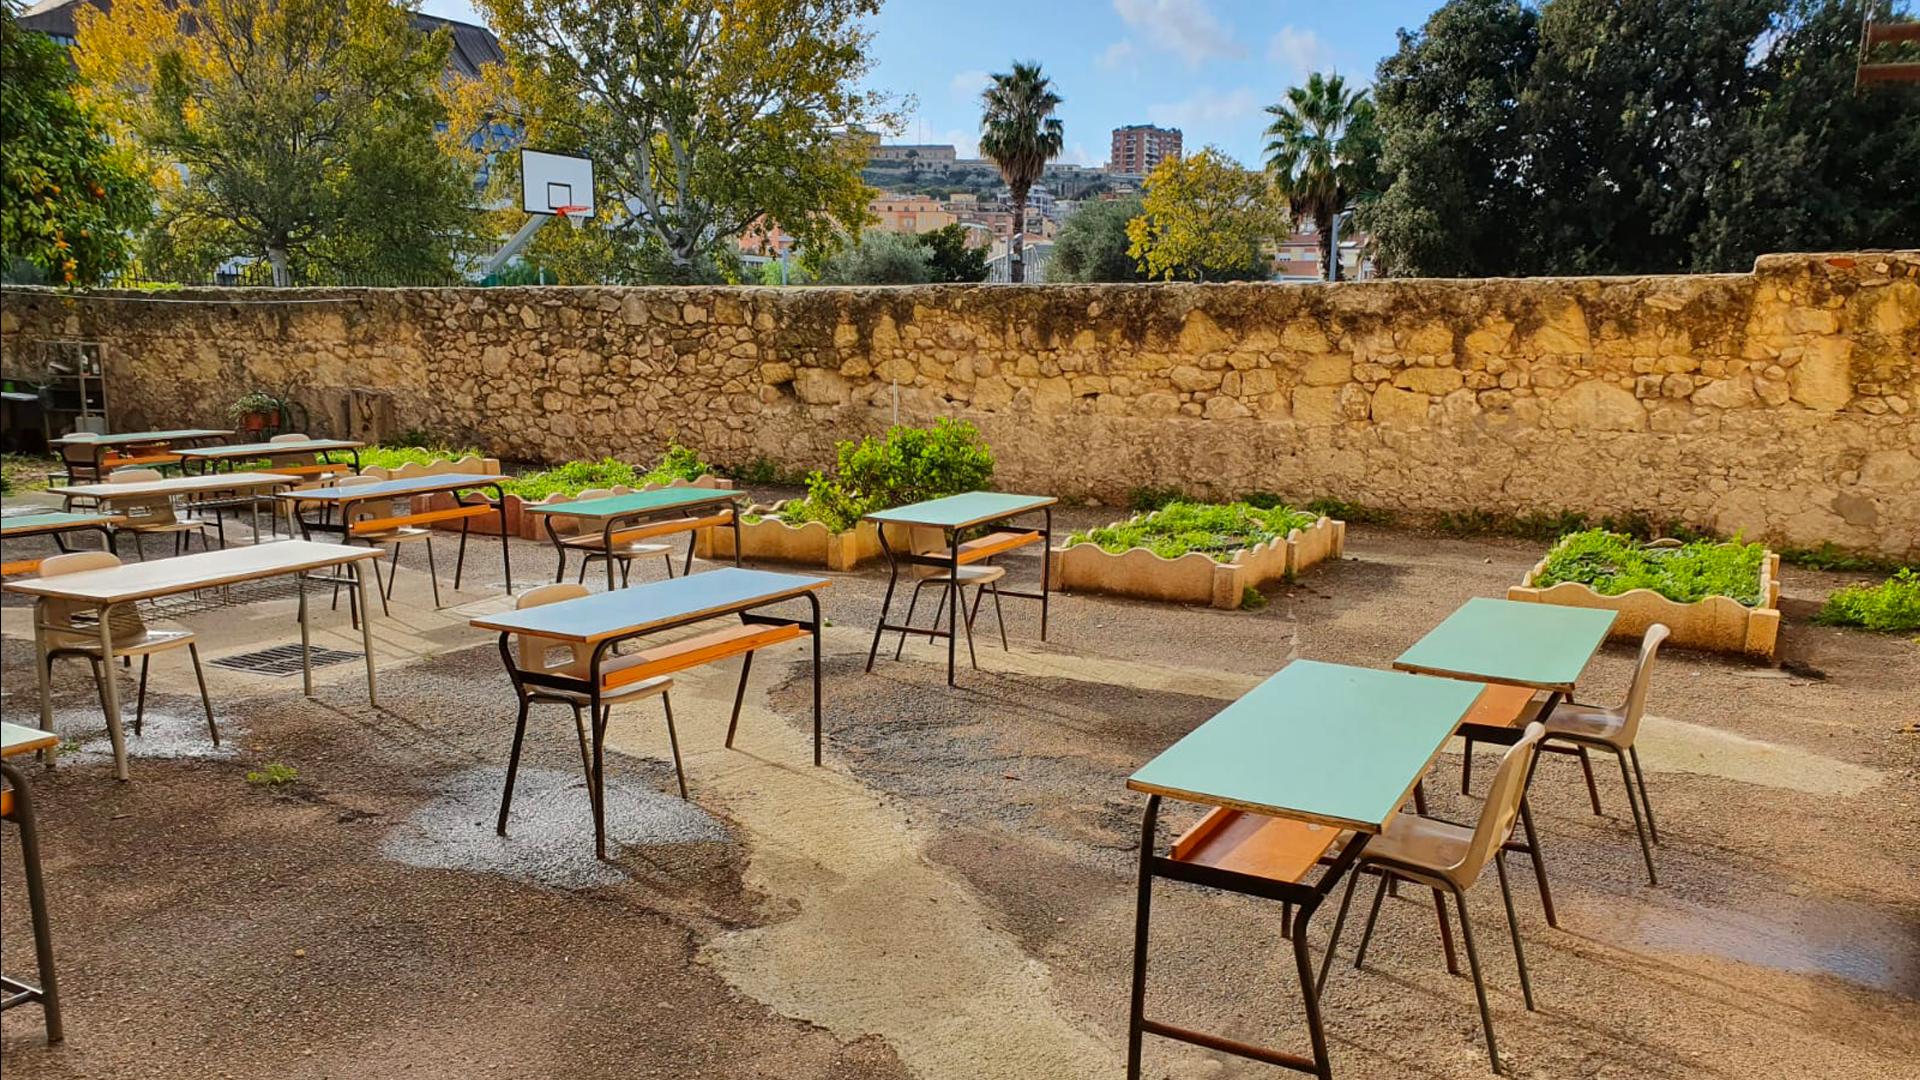 L'aula in cortile, la scuola primaria all'aria aperta a Cagliari